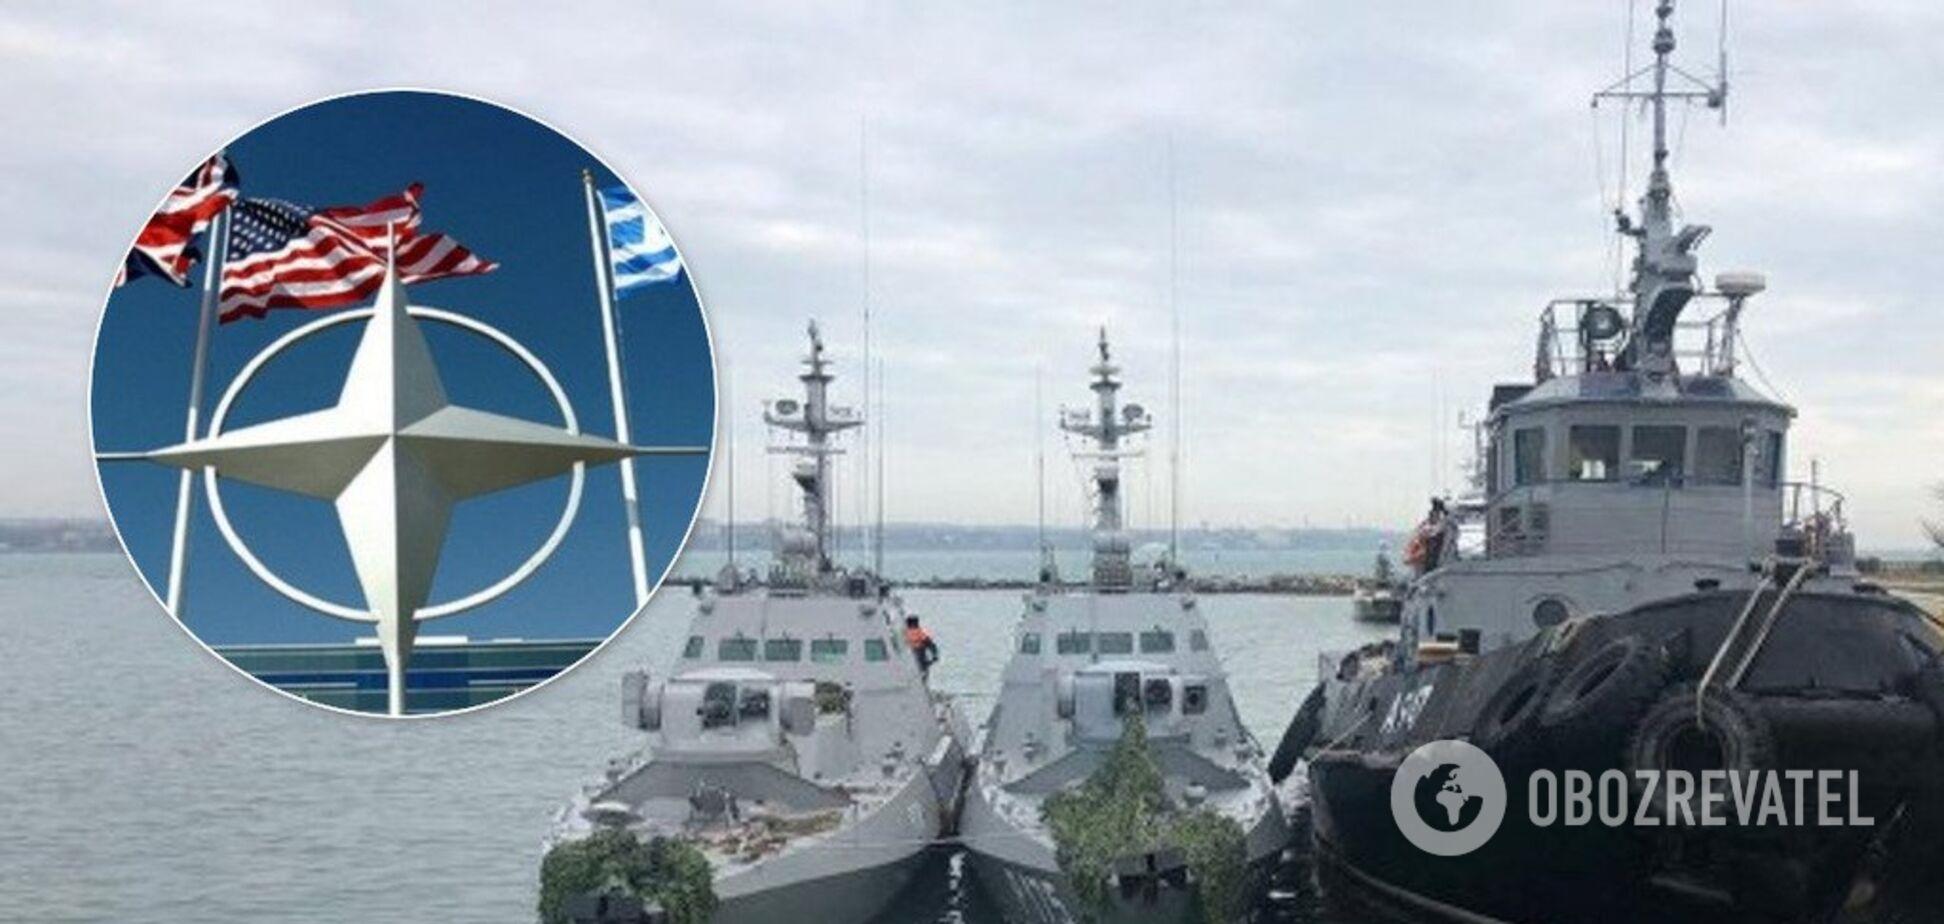 Возврат Россией кораблей Украине